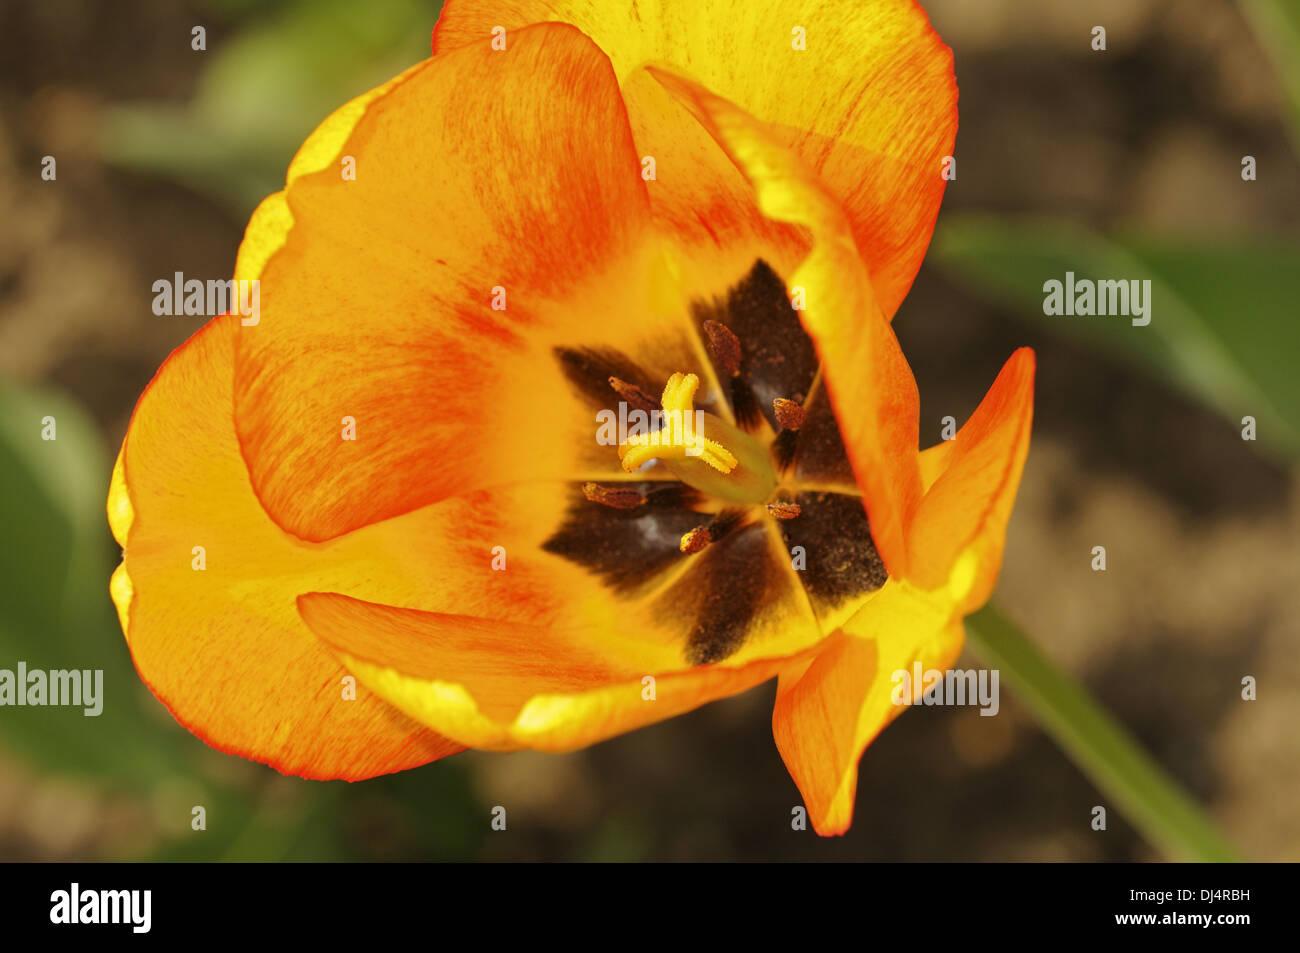 Tulip variety Blushing Apeldoorn - Stock Image